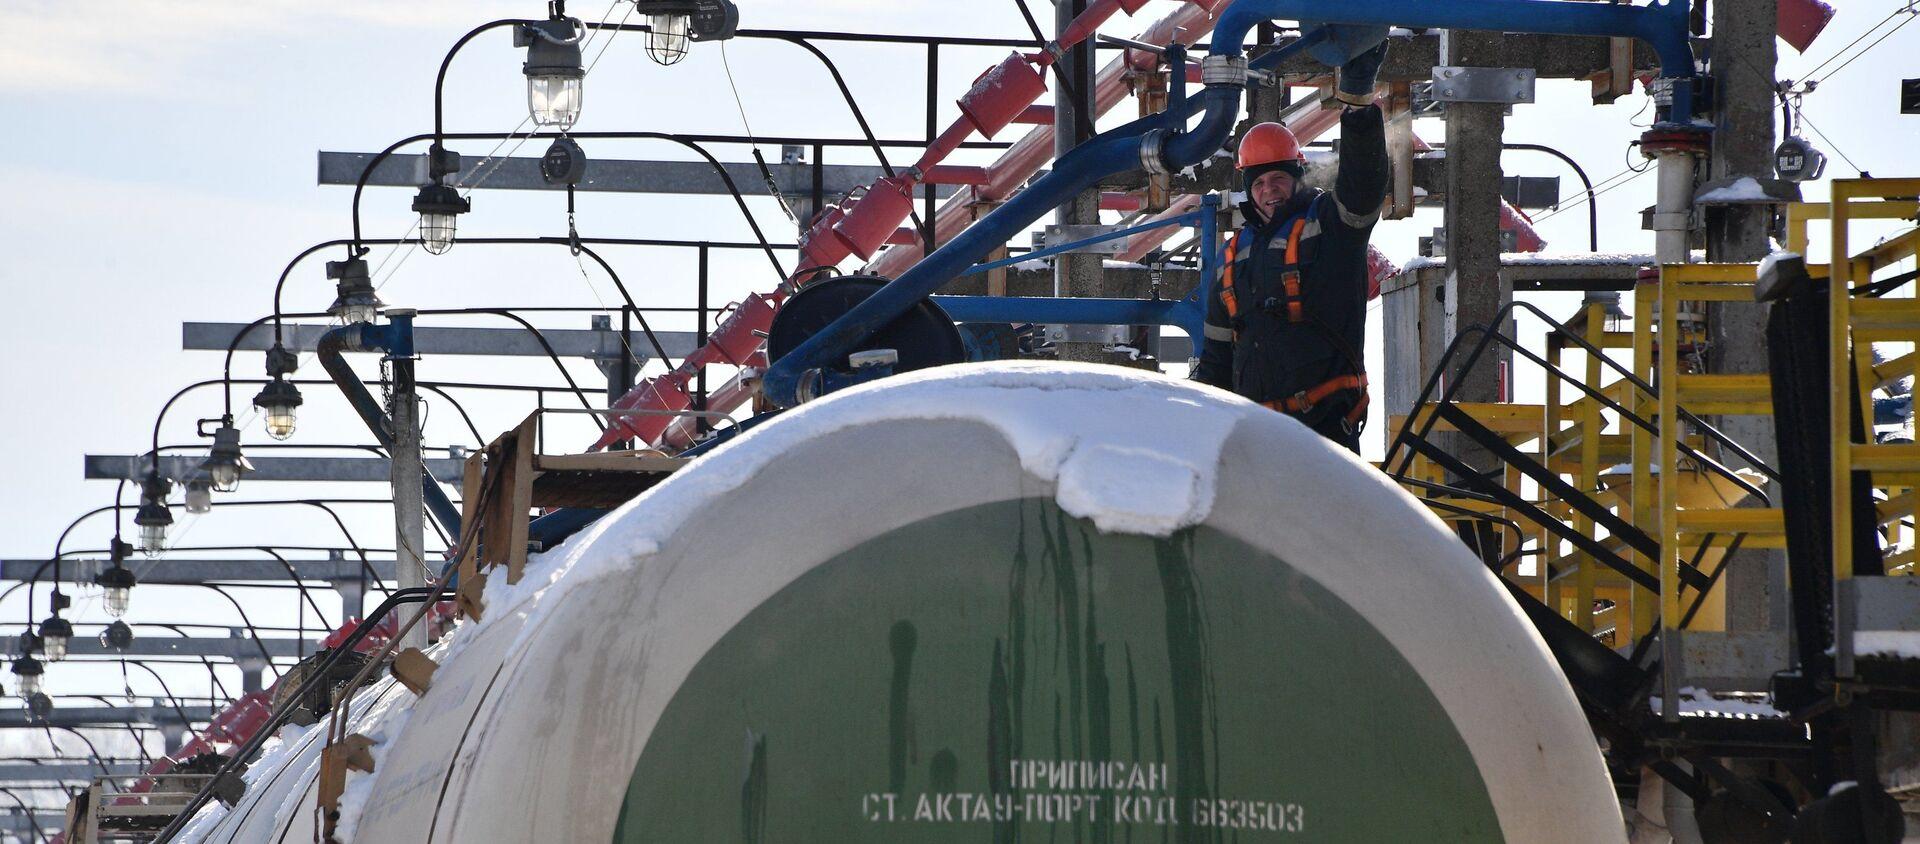 Транспарціроўка нафты Захад - Транснафтапрадукт - Sputnik Беларусь, 1920, 01.03.2021